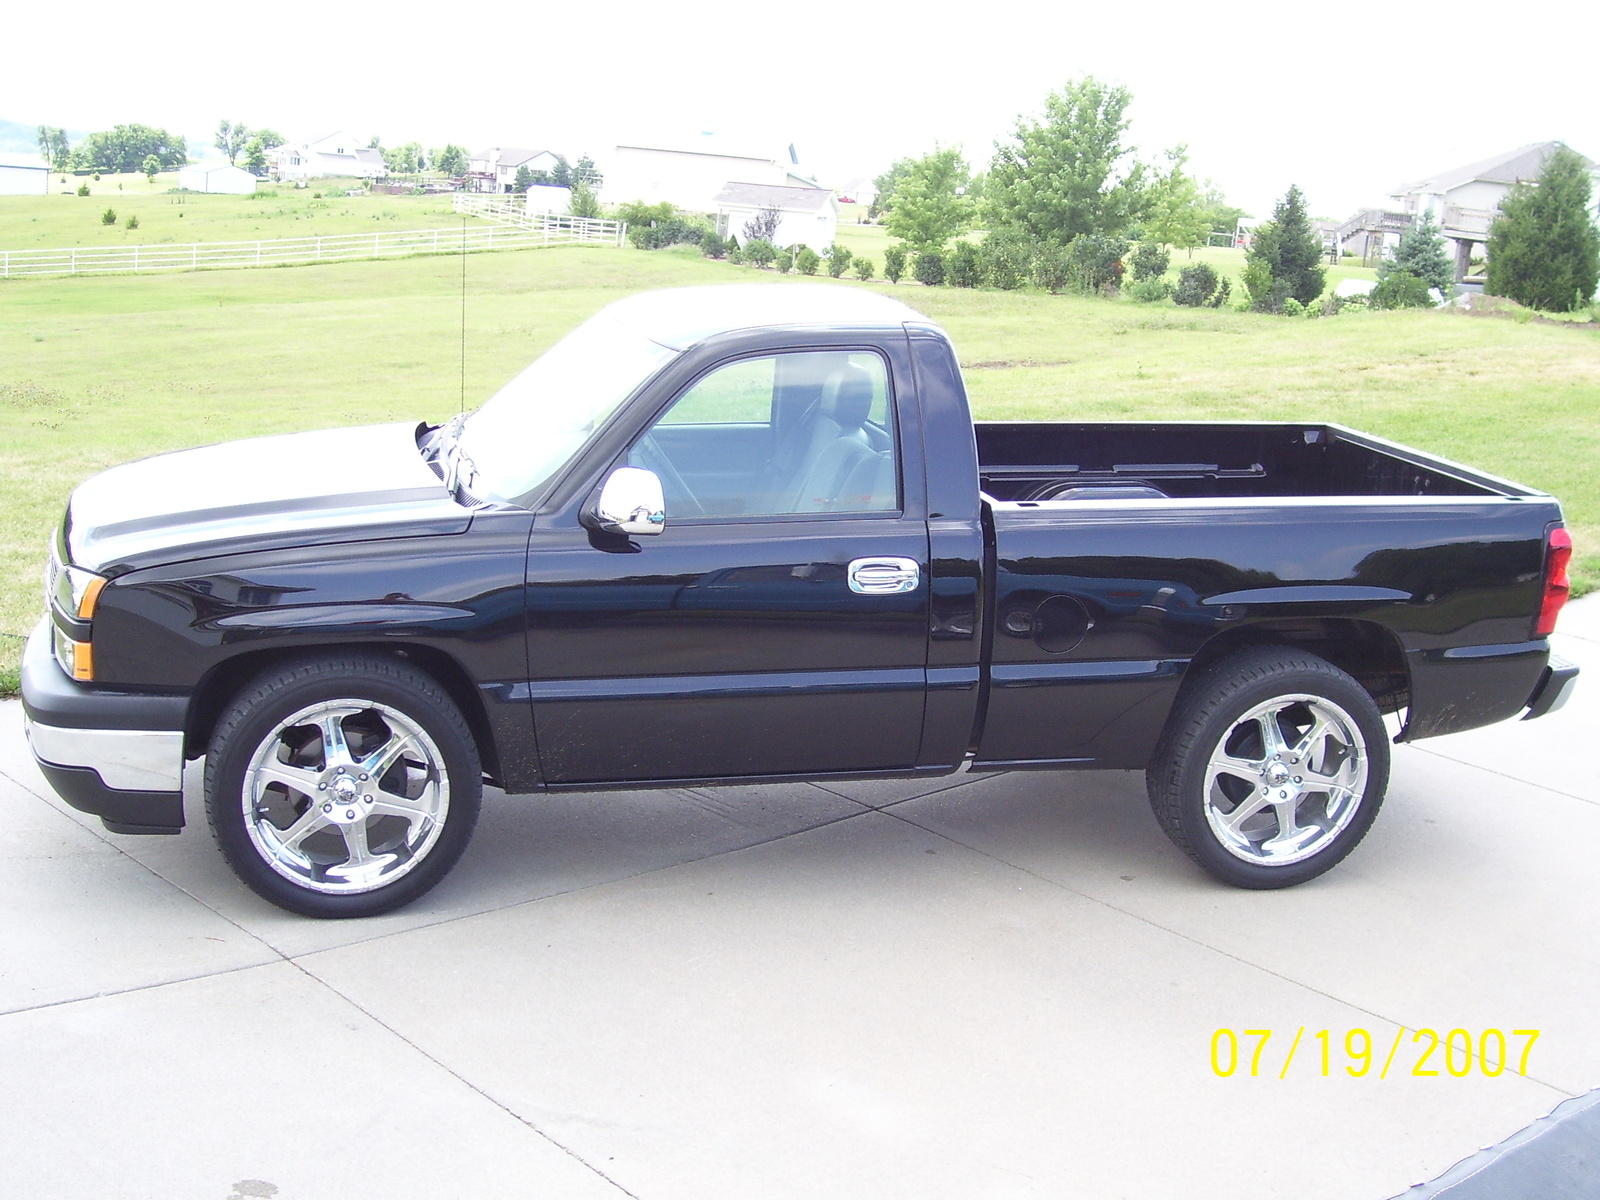 2007 Chevrolet Silverado Classic